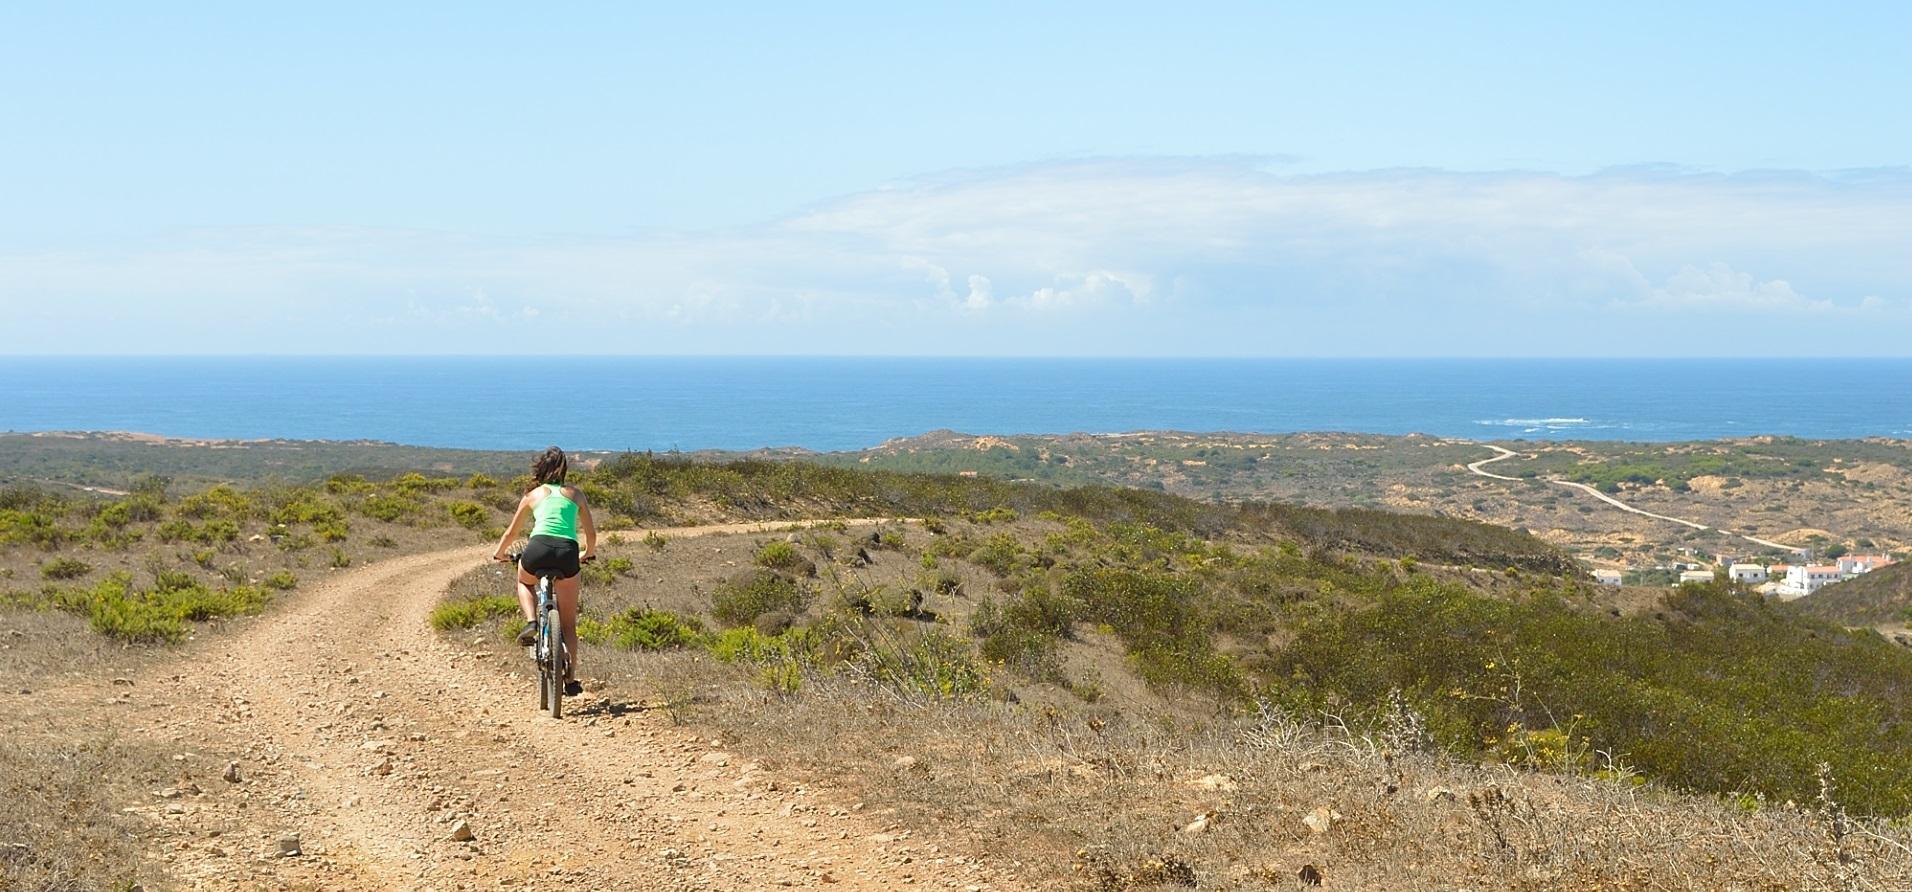 Biking trip in Algarve. Exploring Portugal on two wheels.